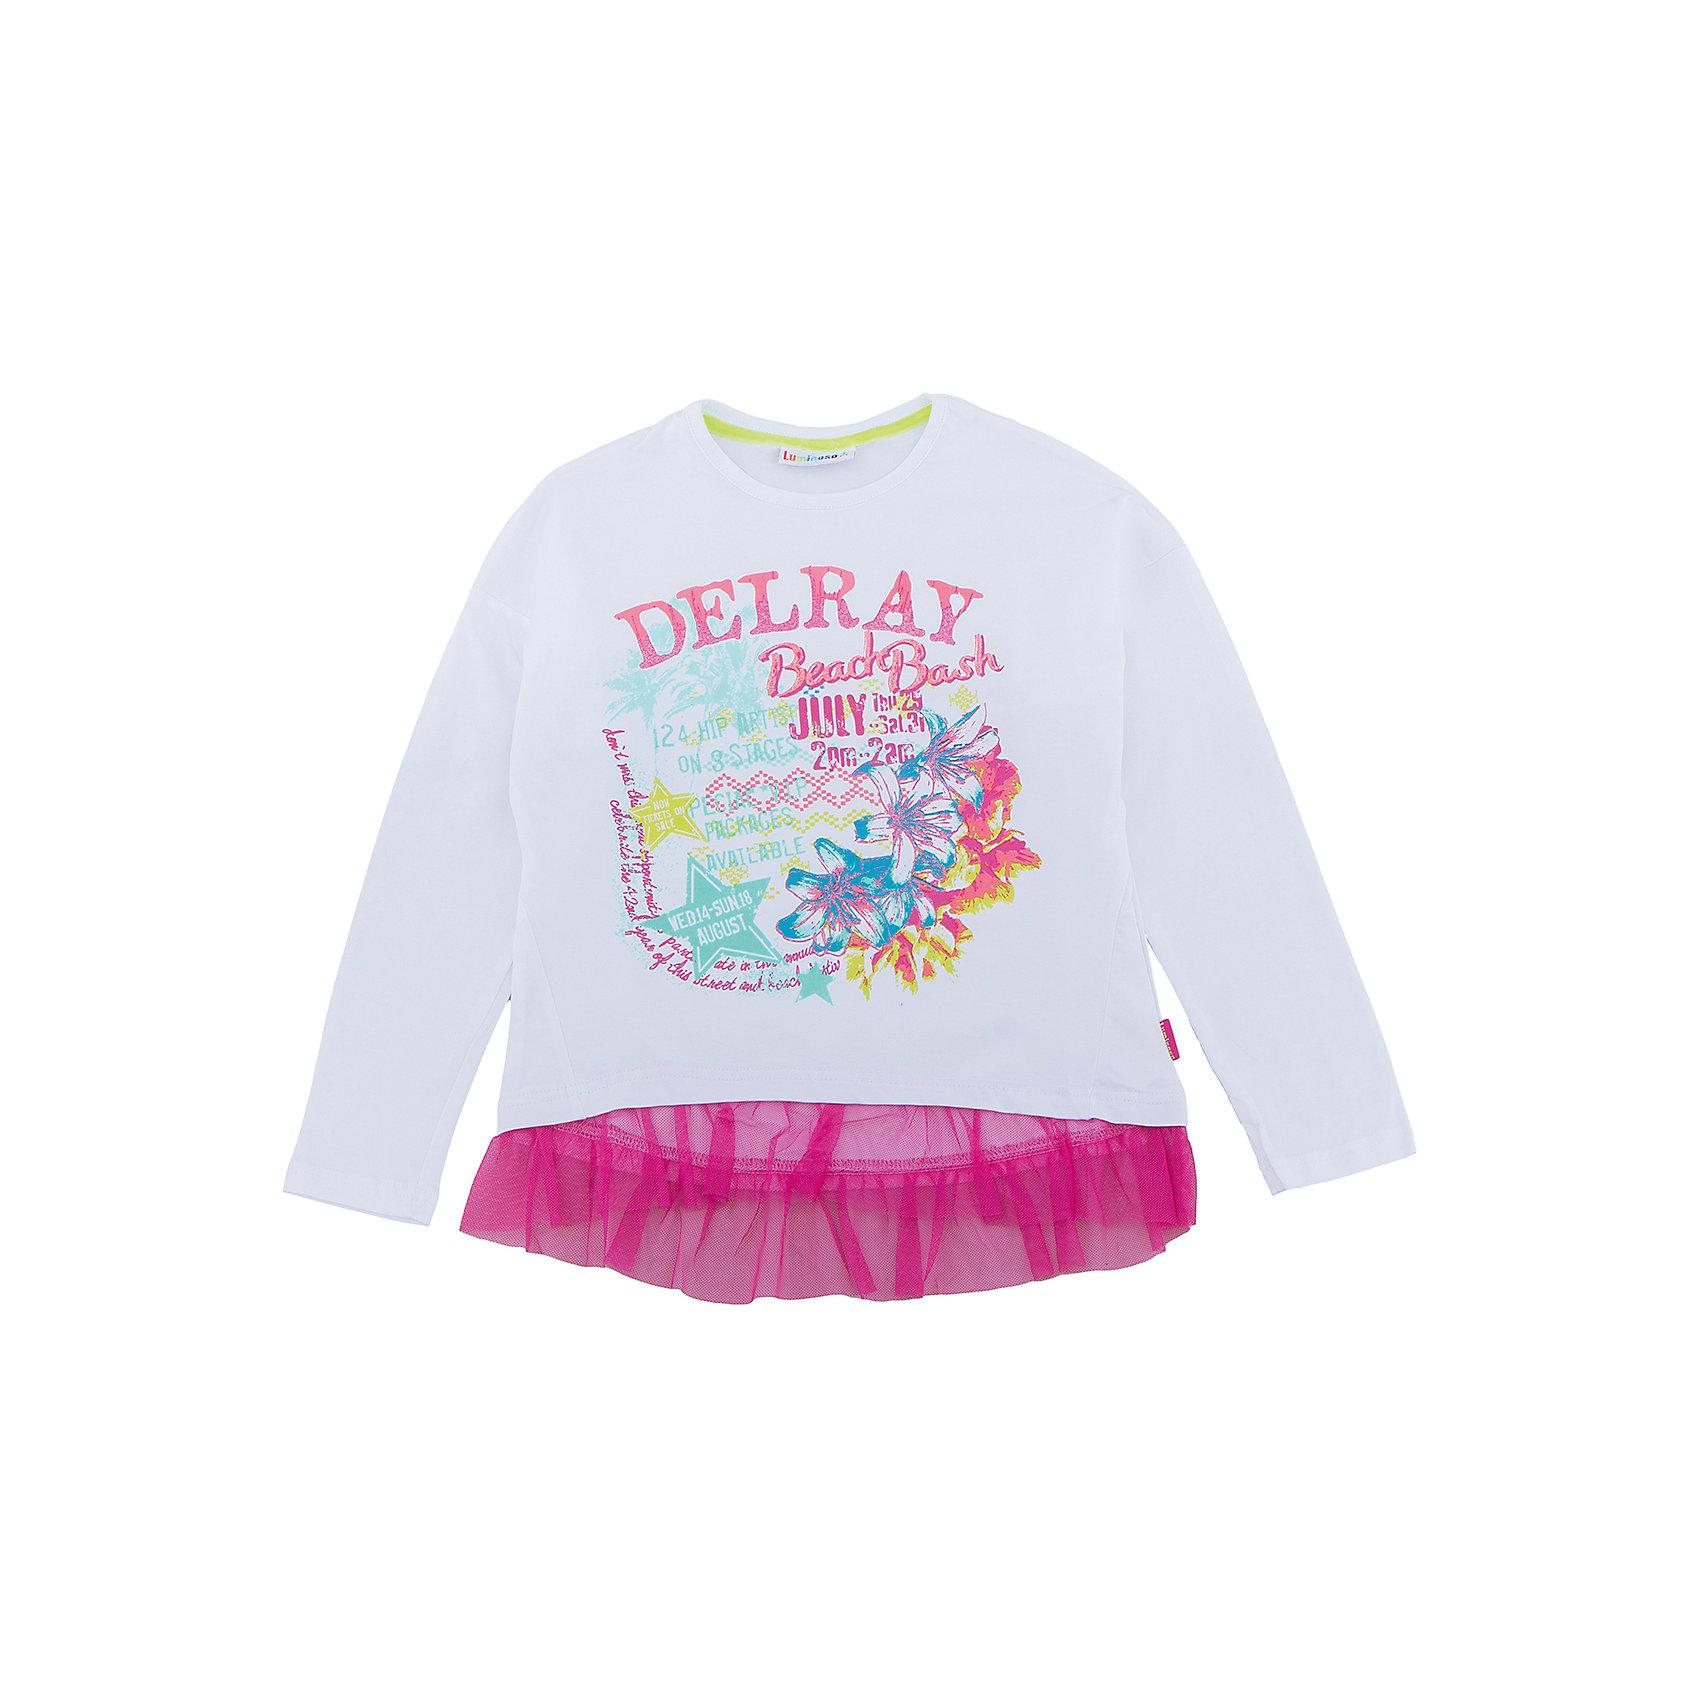 Футболка для девочки LuminosoСтильная футболка  из трикотажной, мягкой ткани для девочки с длинным рукавом. Декорирована ярким принтом и кружевом по низу изделия.<br>Состав:<br>95%хлопок 5%эластан<br><br>Ширина мм: 199<br>Глубина мм: 10<br>Высота мм: 161<br>Вес г: 151<br>Цвет: белый<br>Возраст от месяцев: 96<br>Возраст до месяцев: 108<br>Пол: Женский<br>Возраст: Детский<br>Размер: 134,140,146,152,158,164<br>SKU: 5413696